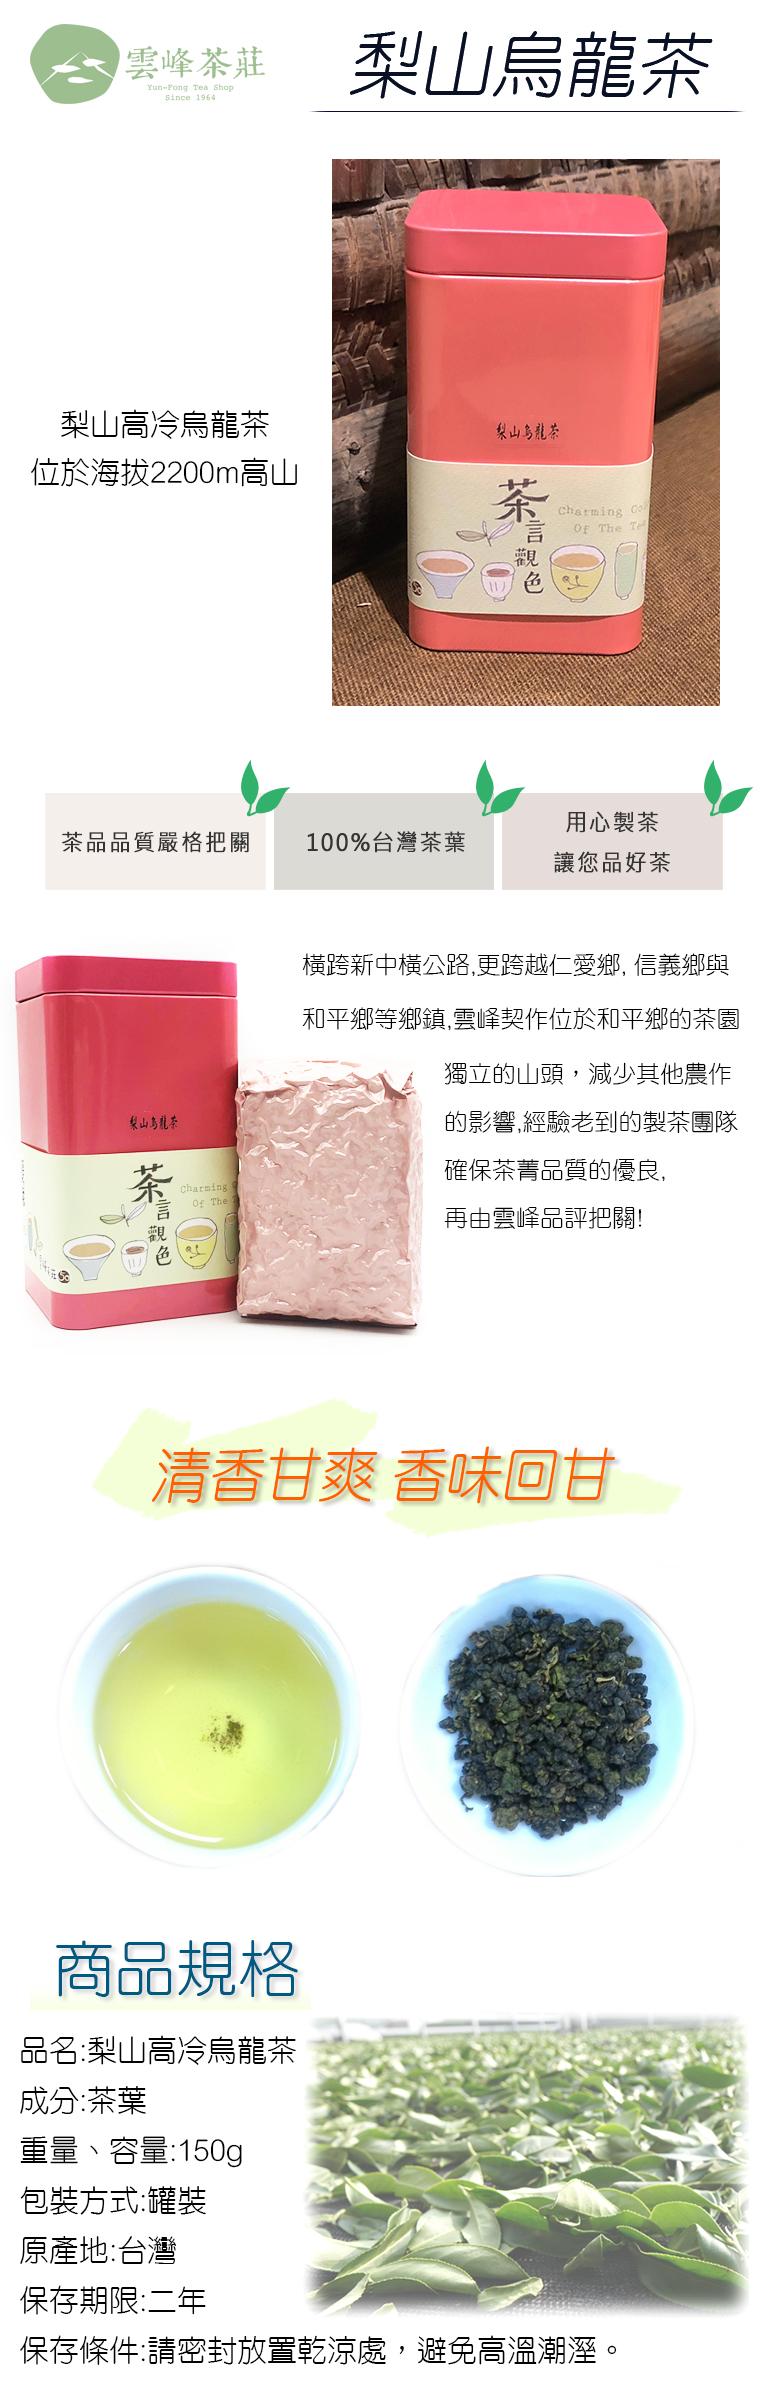 梨山烏龍茶-長圖